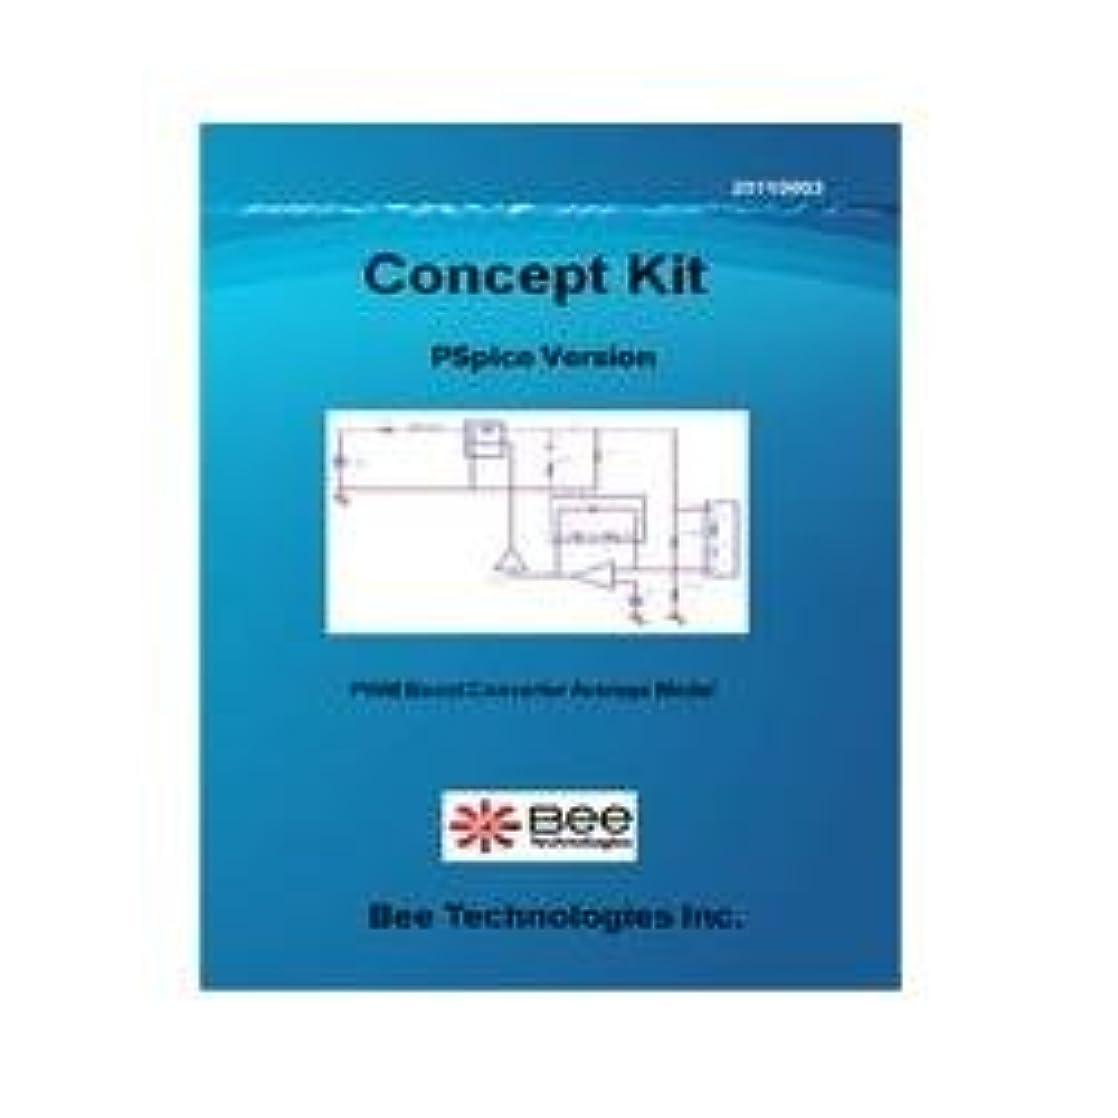 適格コロニアル悪名高いBee Technologies 昇圧コンバータ(アベレージモデル) 【Concept Kit 005】